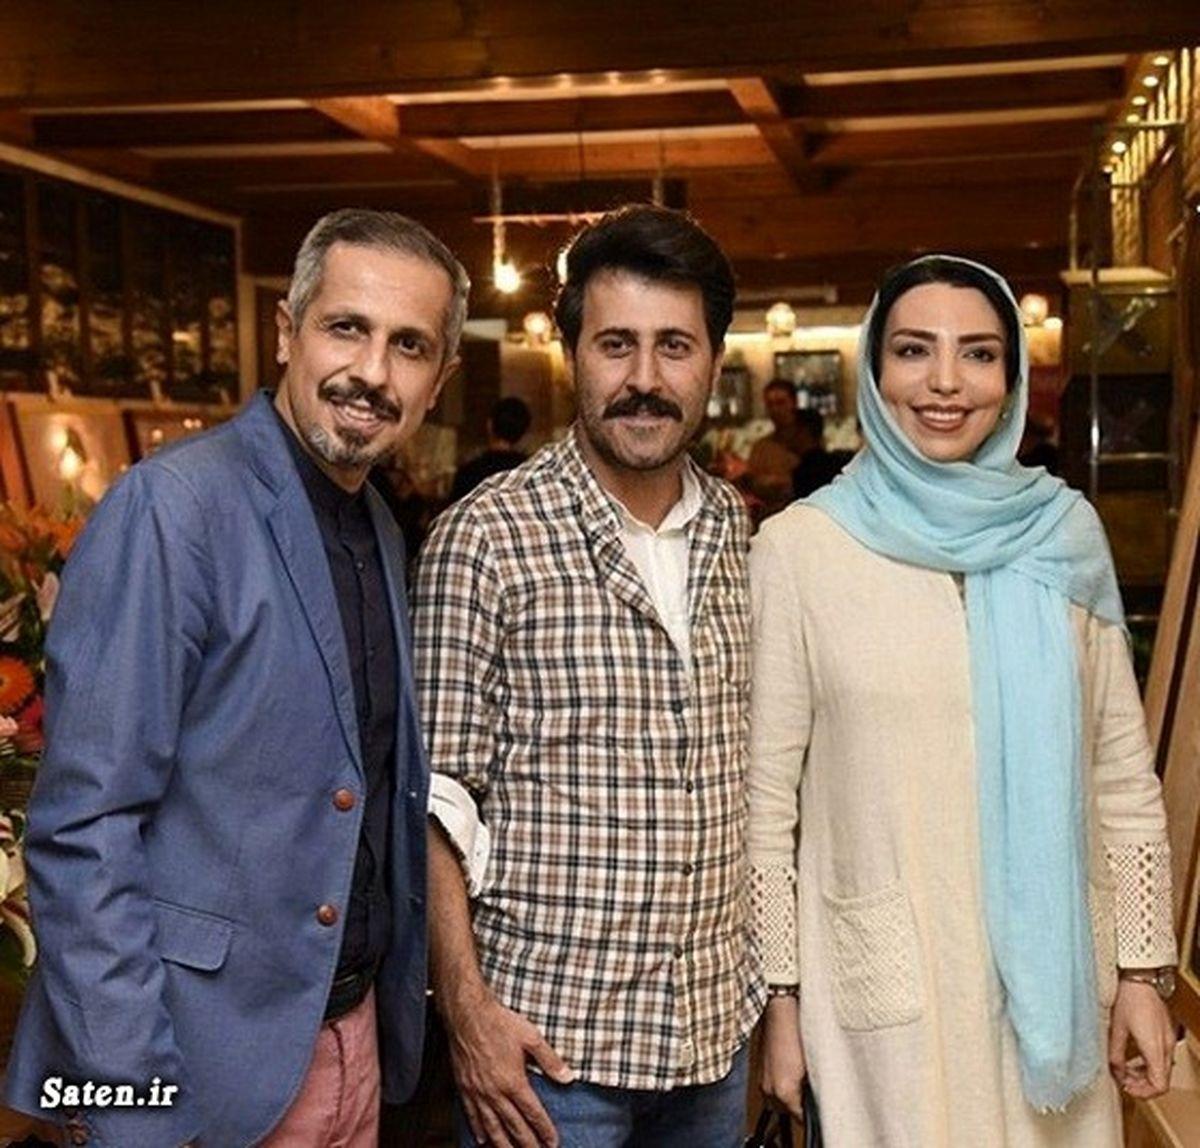 تصاویر لورفته از دورهمی بازیگران در کافه جواد رضویان +عکس